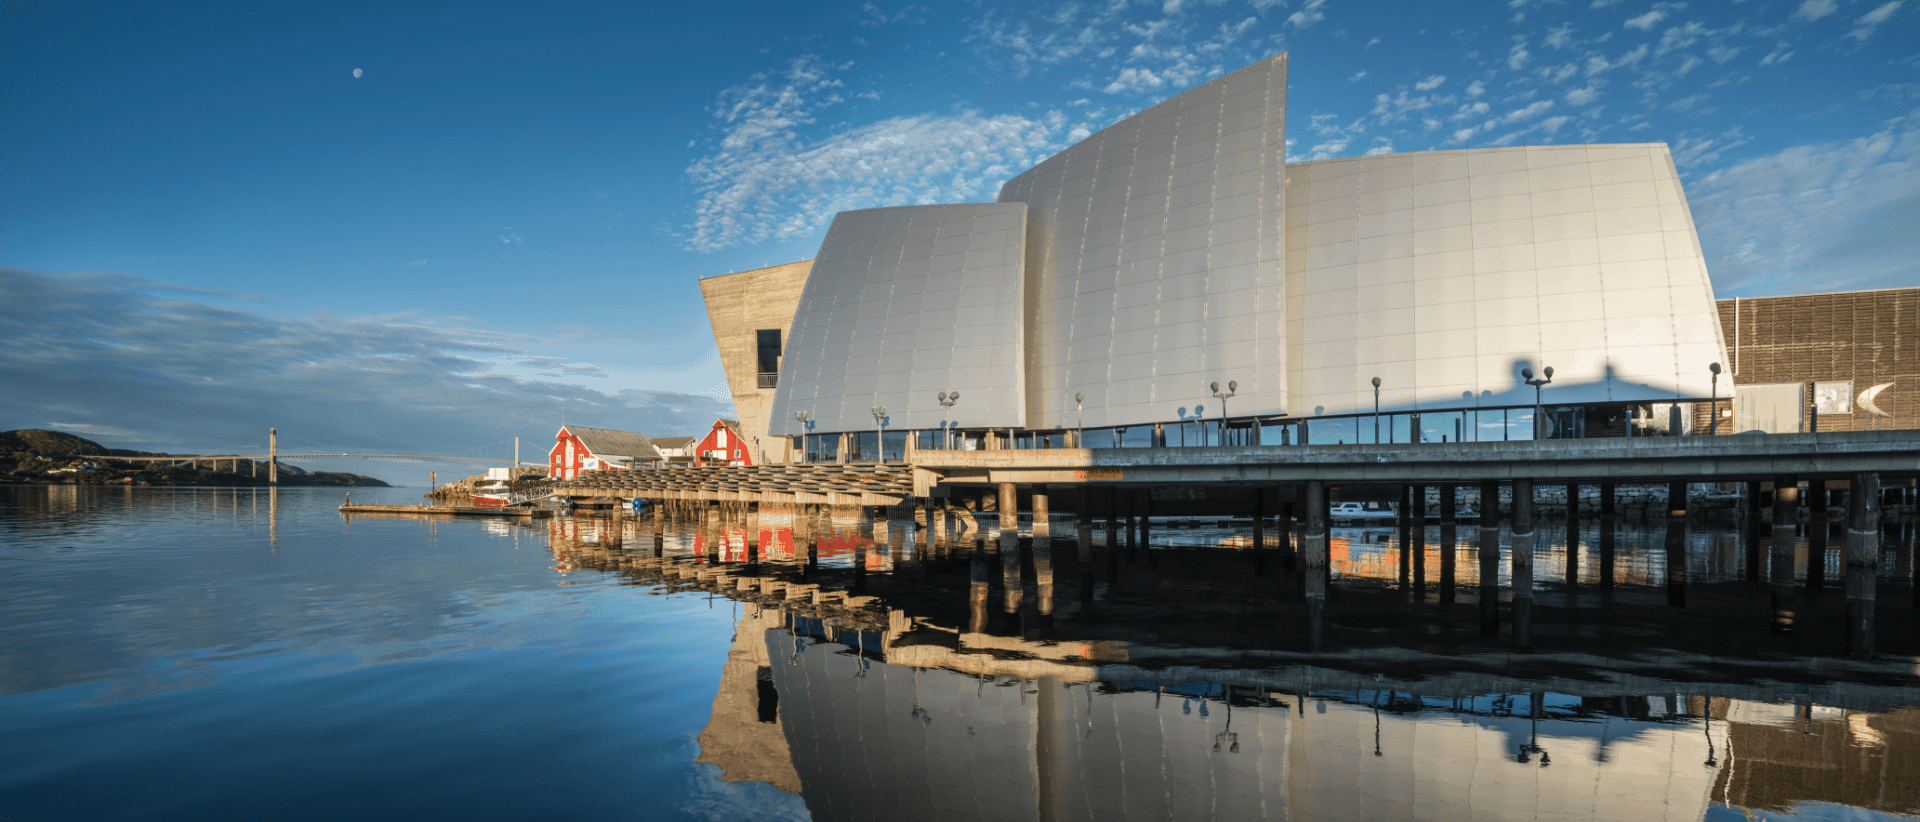 The Coastal Museum Rørvik